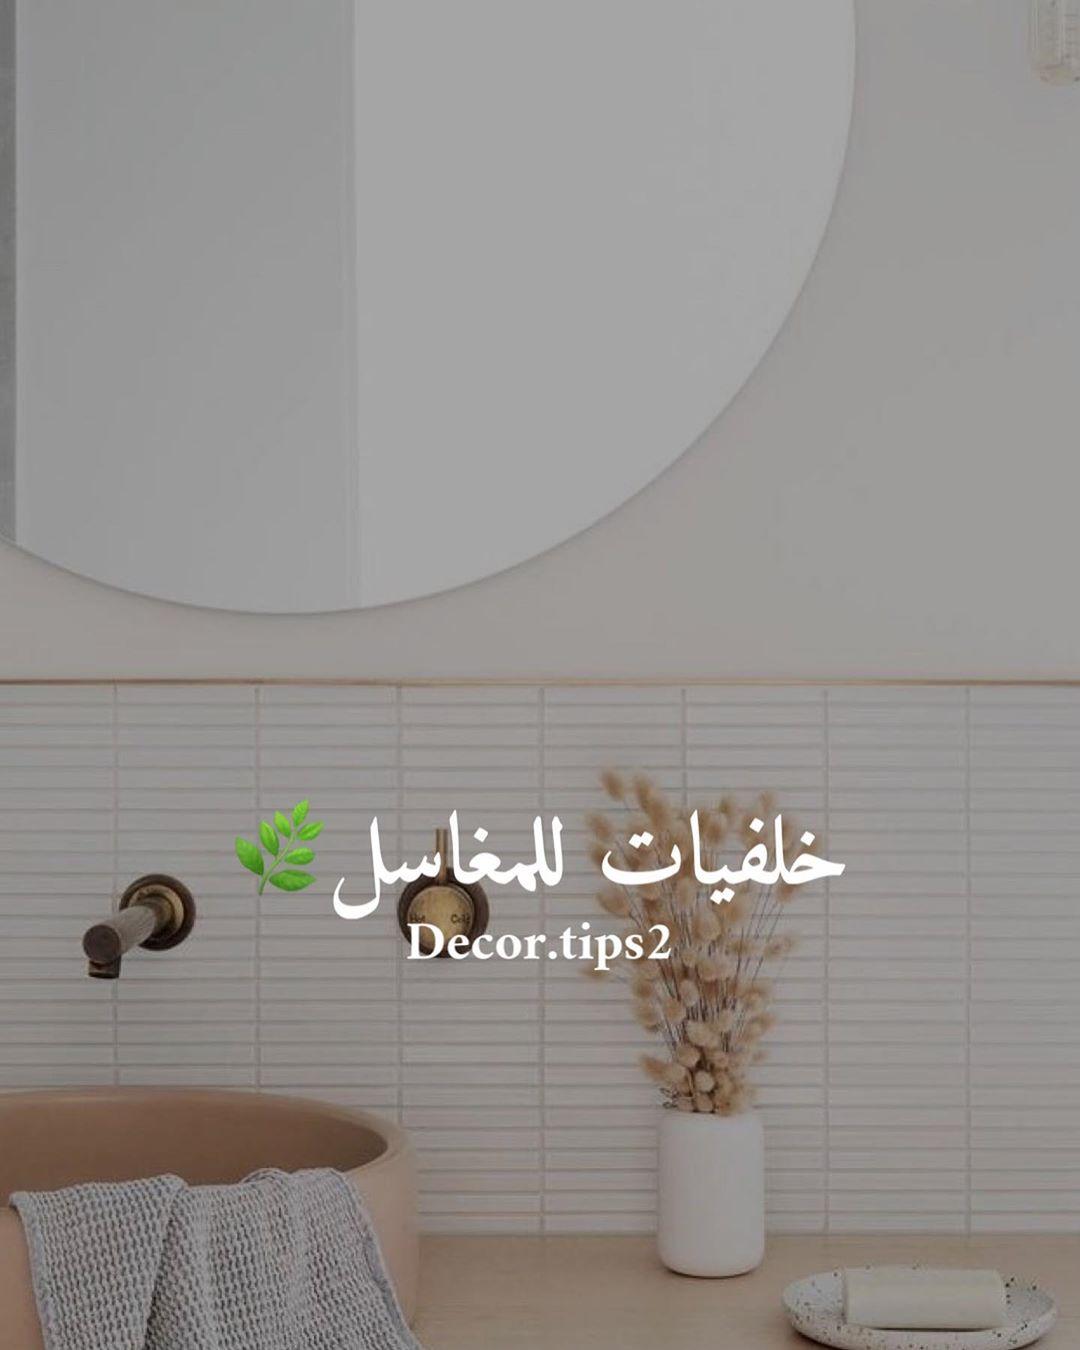 . جمَال البساطة في خلفيات المغاسل . حبيتها كثيير رايكم فيها؟ الاثير ديزاين . .